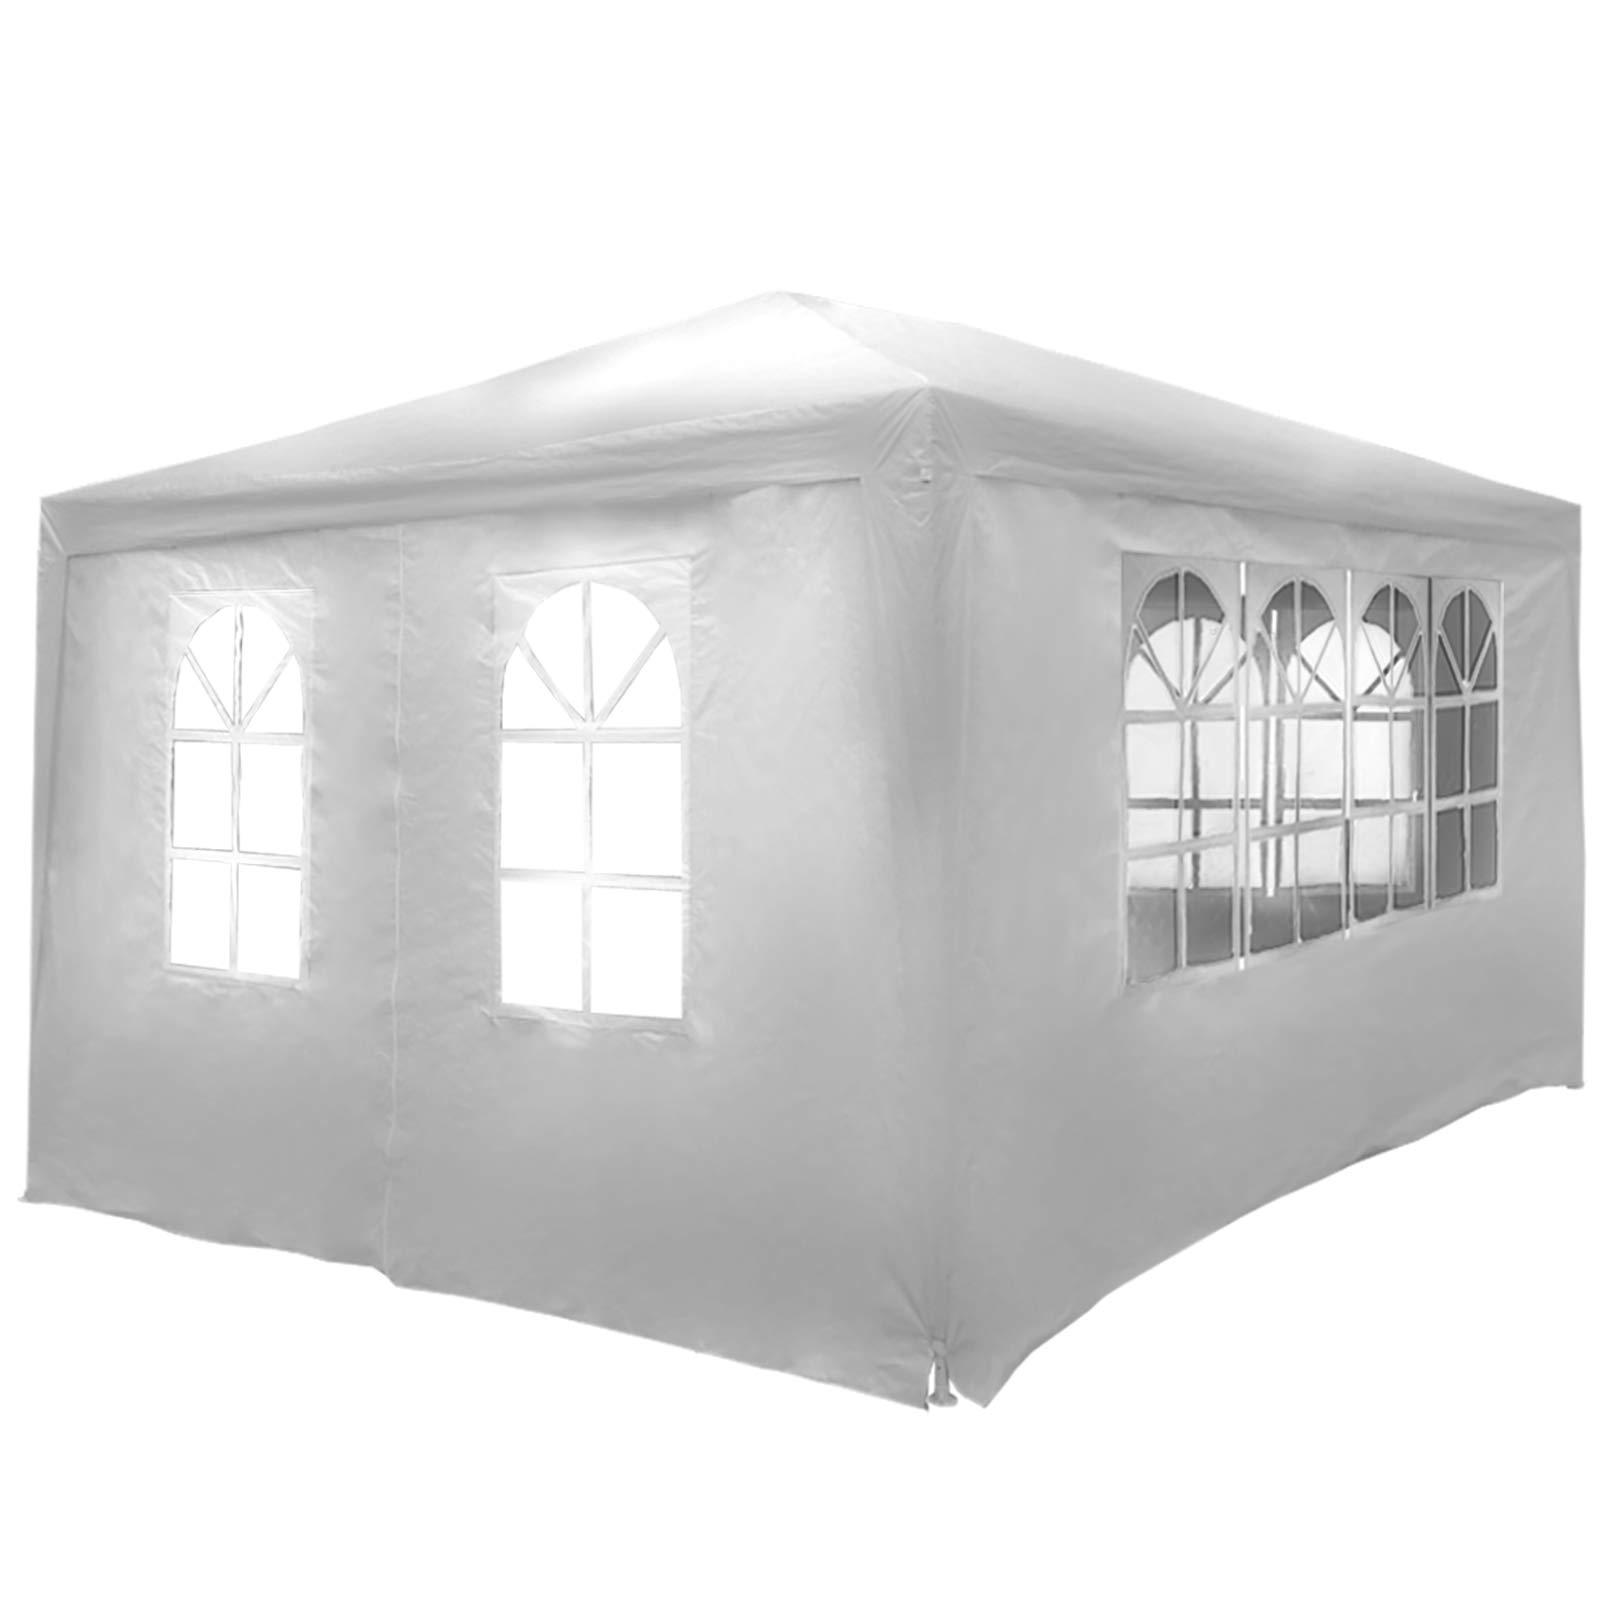 MIADOMODO Carpa de Jardín - 3x4m con 4 Paredes Laterales, Impermeable, Protección Solar UV30+, Blanco - Tienda Pabellón, Tiendas para Eventos y Fiestas, Carpa Pop-Up, Gazebo: Amazon.es: Hogar